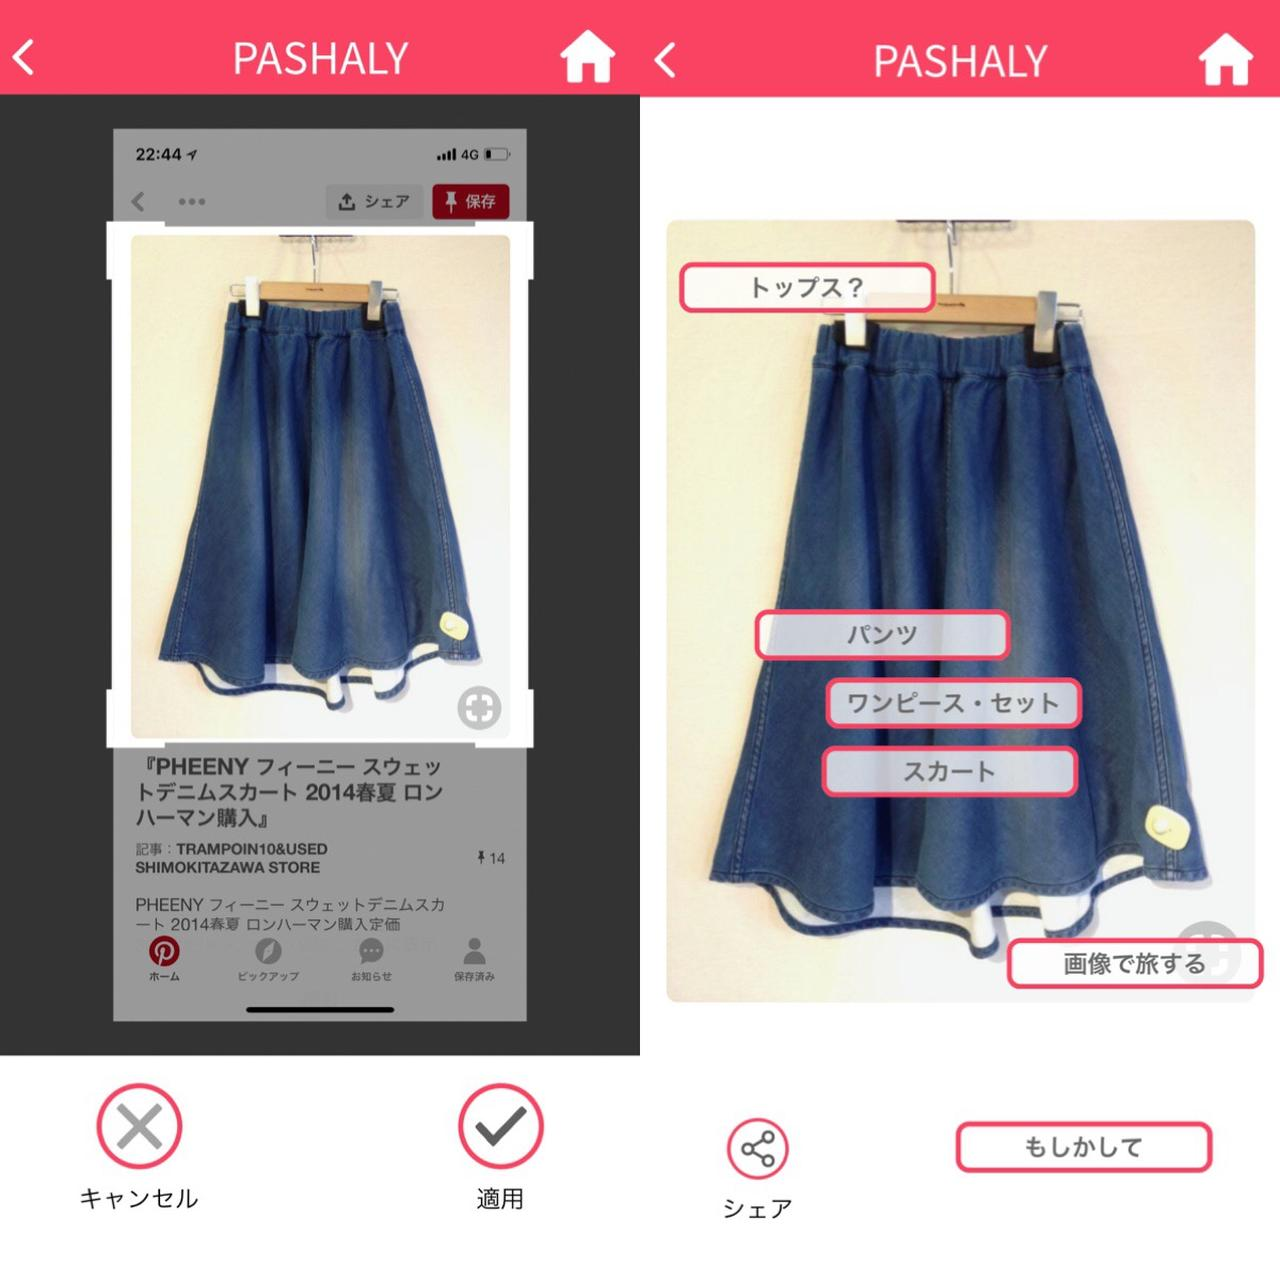 画像1: 写真を読み込むだけで近い商品が買えるサイトを表示!